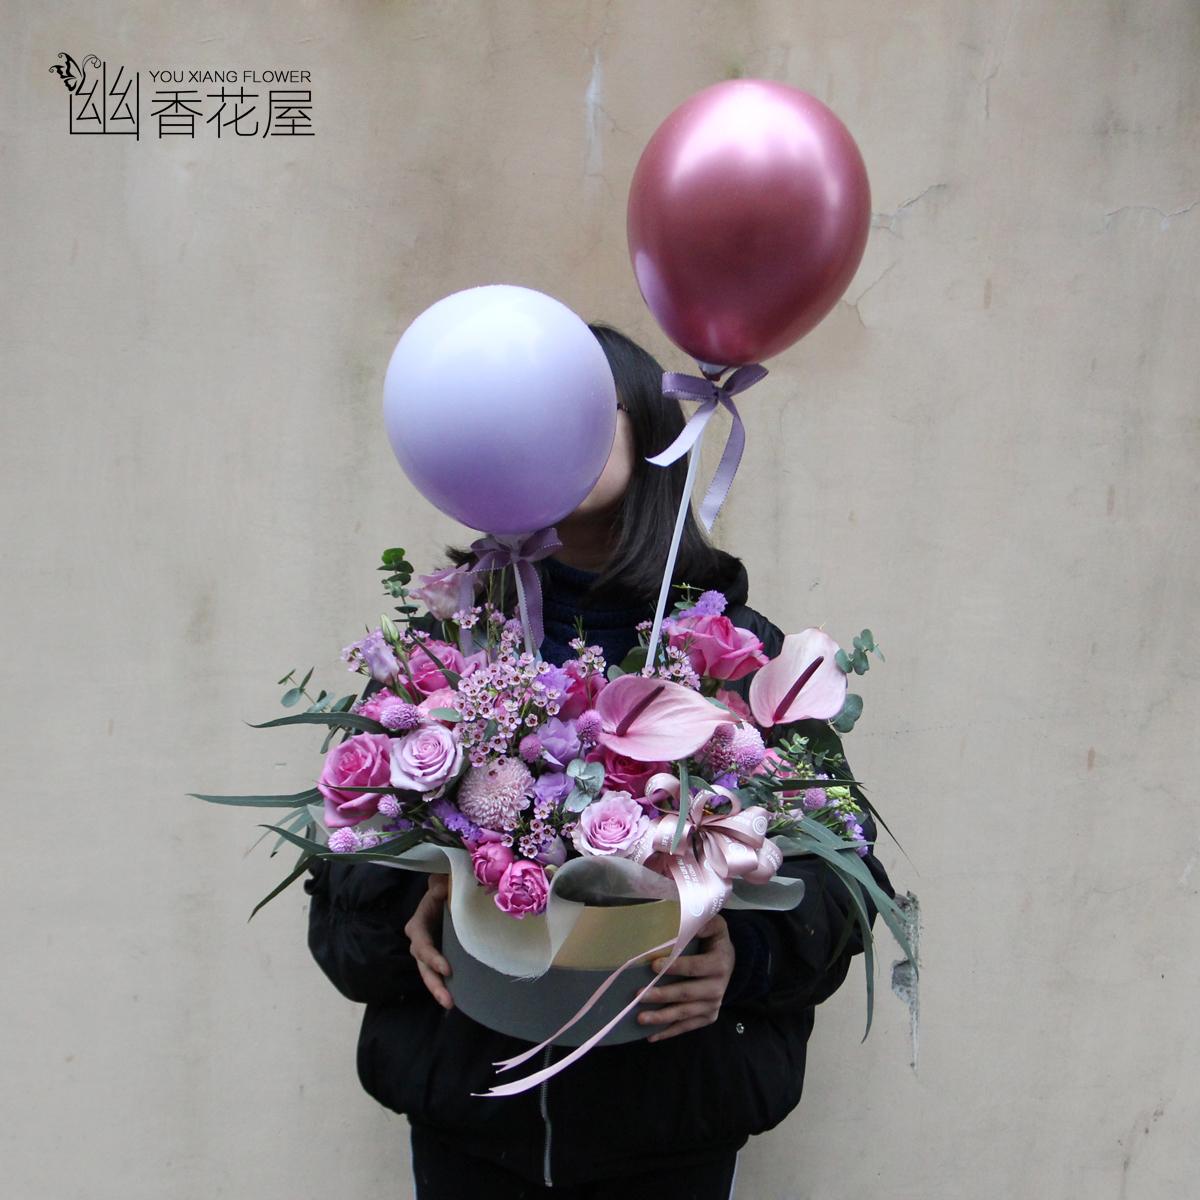 上海の同城の生花の速く風船の贈り物の箱は彼女のお母さんに愛情の誕生日の贈り物を送ります。